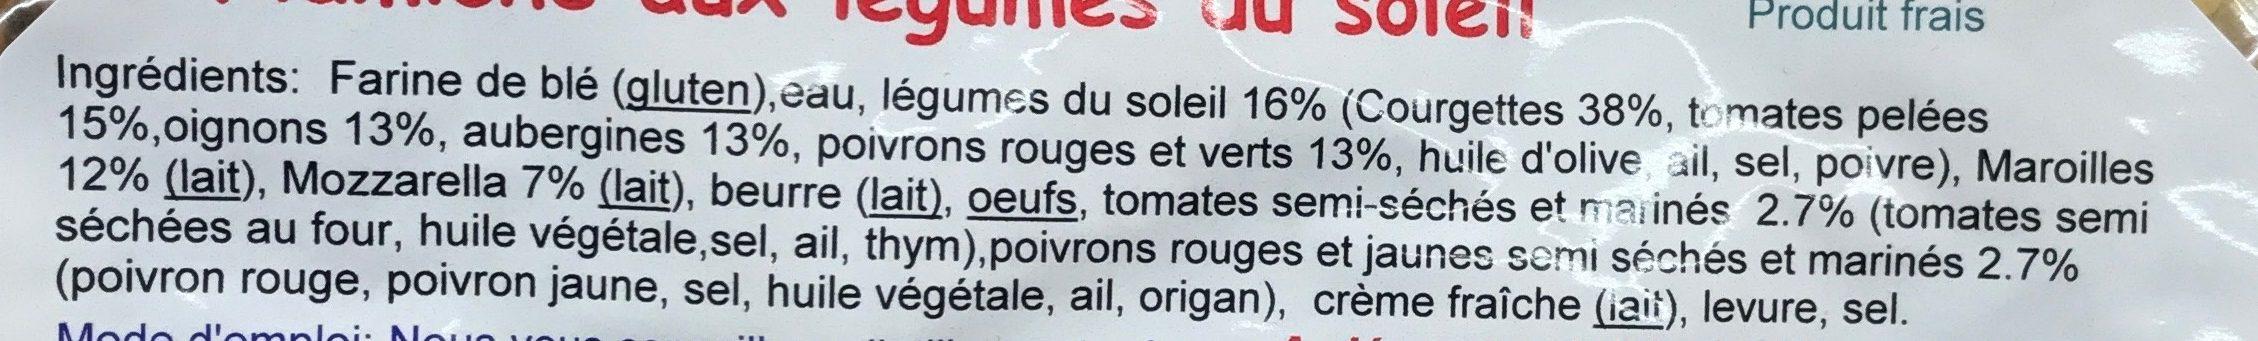 Flamiche aux légumes du soleil - Ingredients